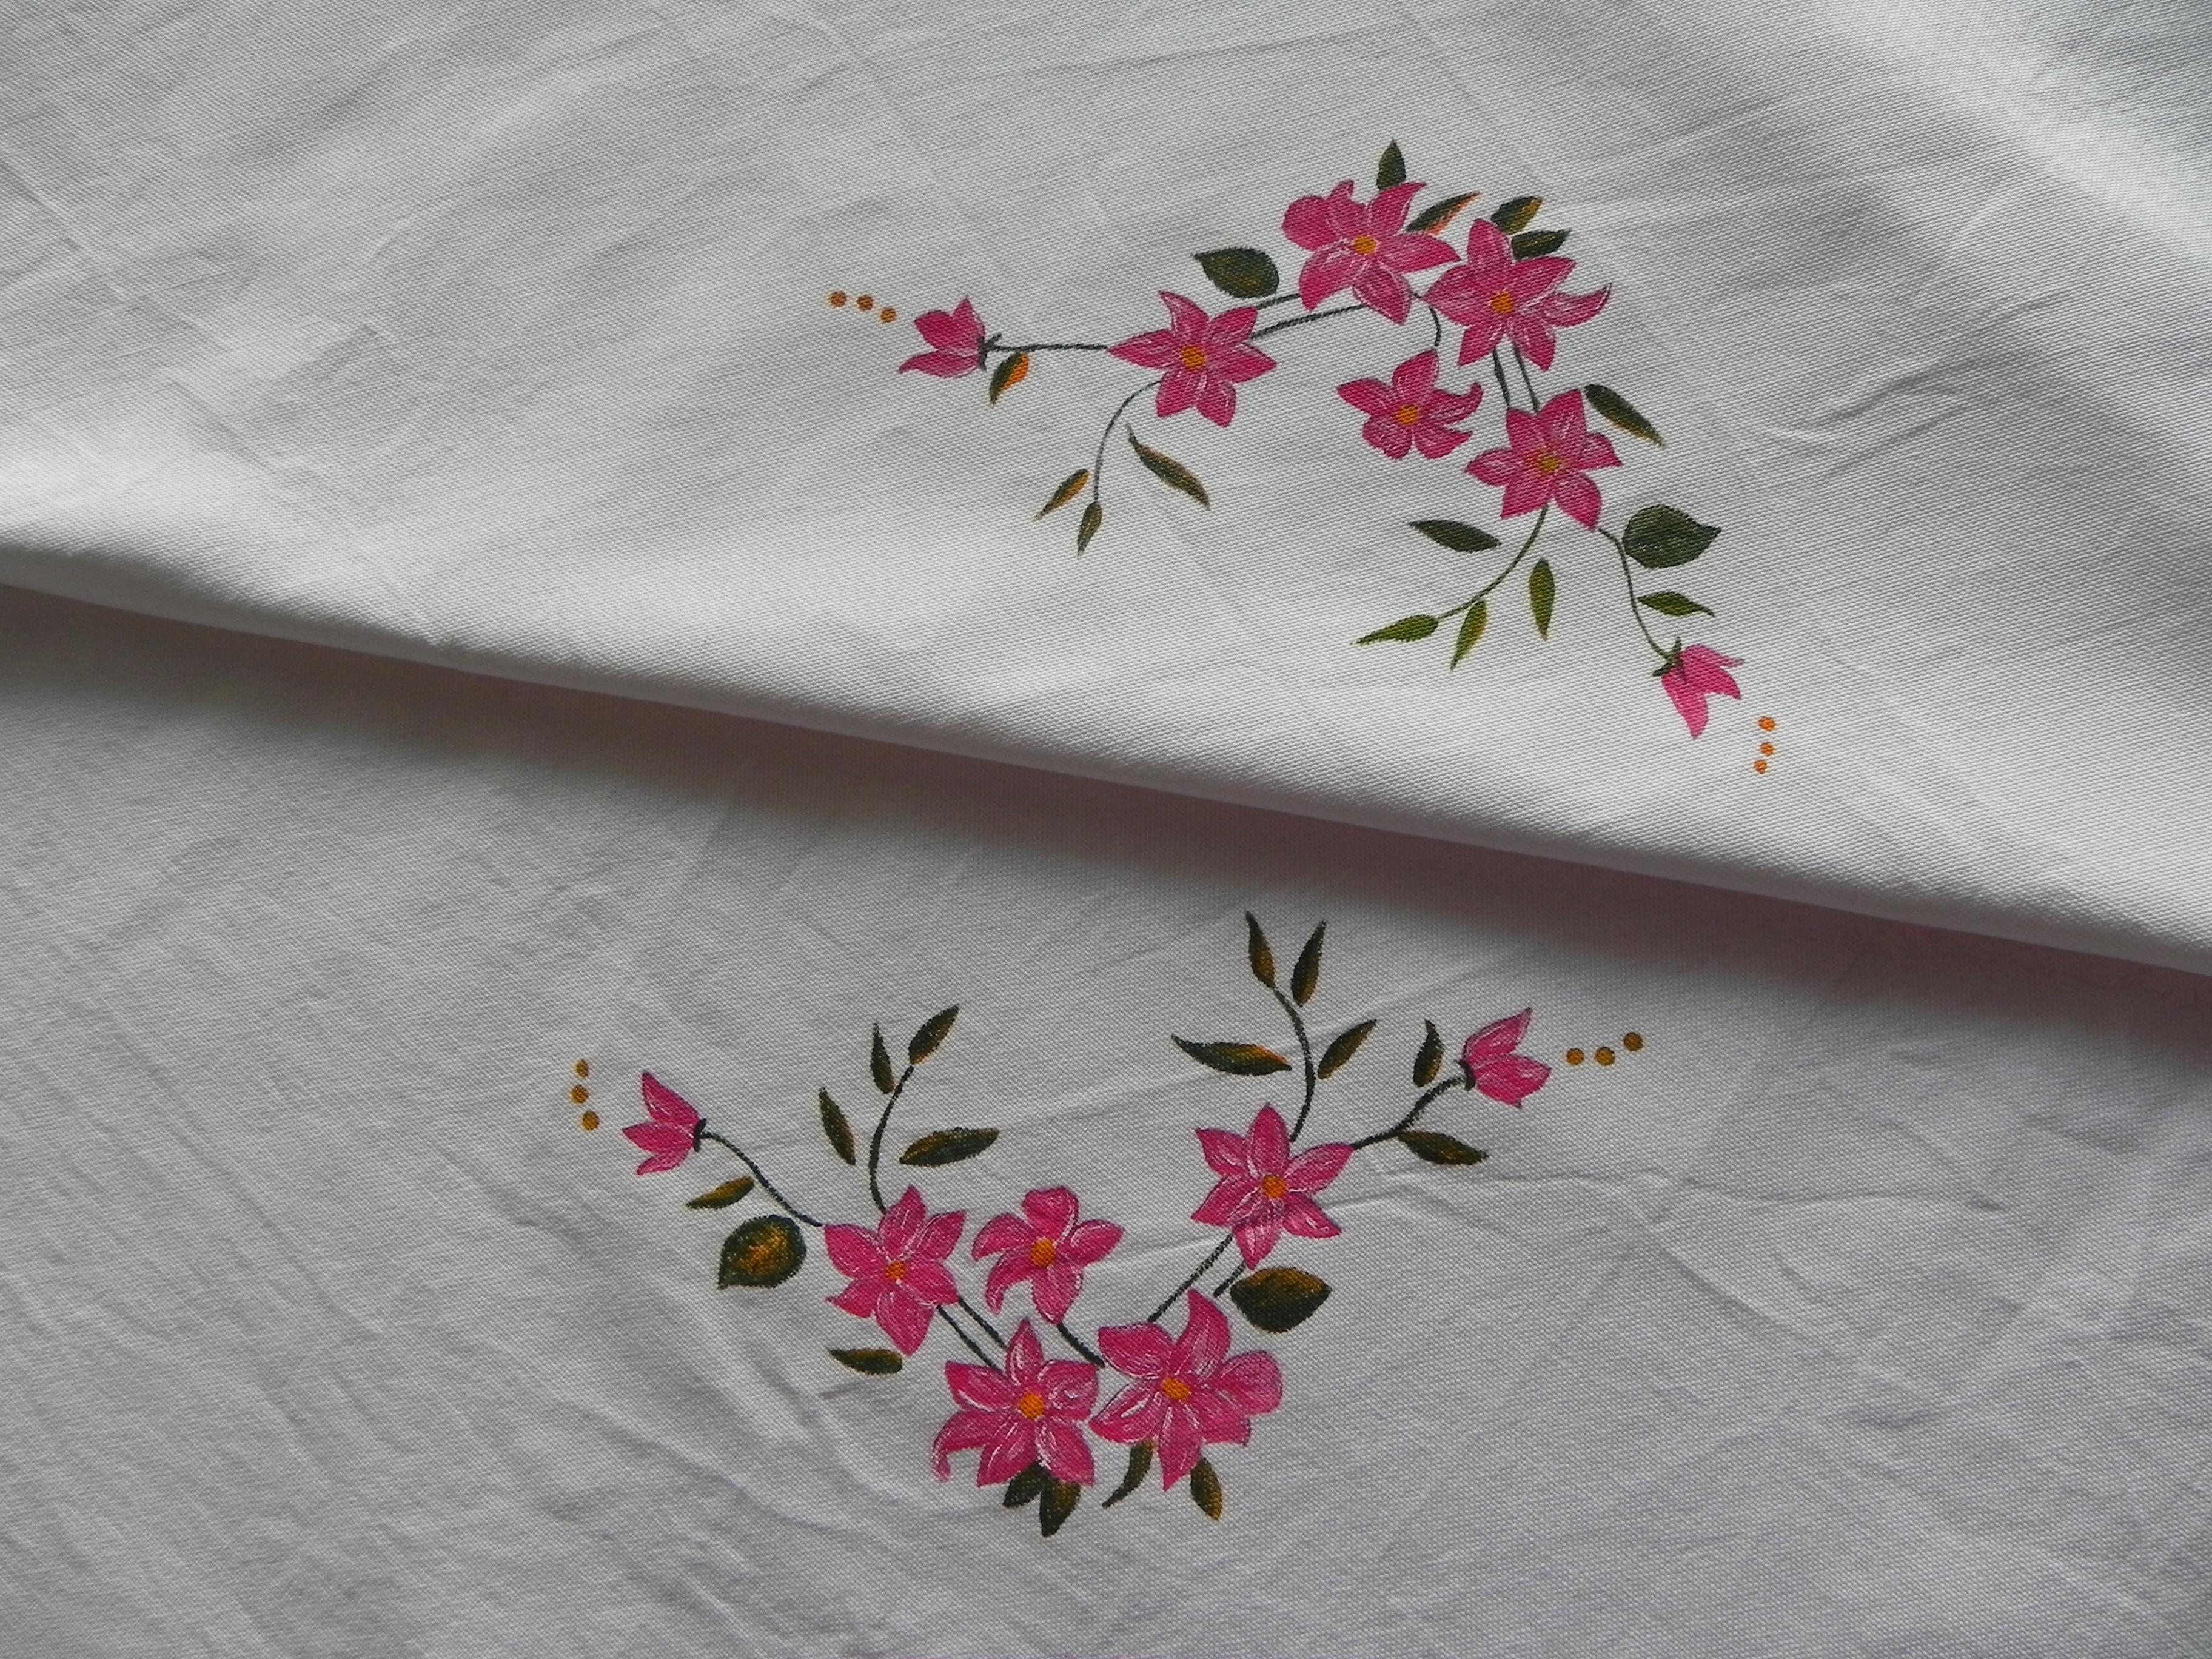 Pintura en tela otro mantel a painted tablecloth tijeras y cuchara - Dibujos para pintar en tela ...